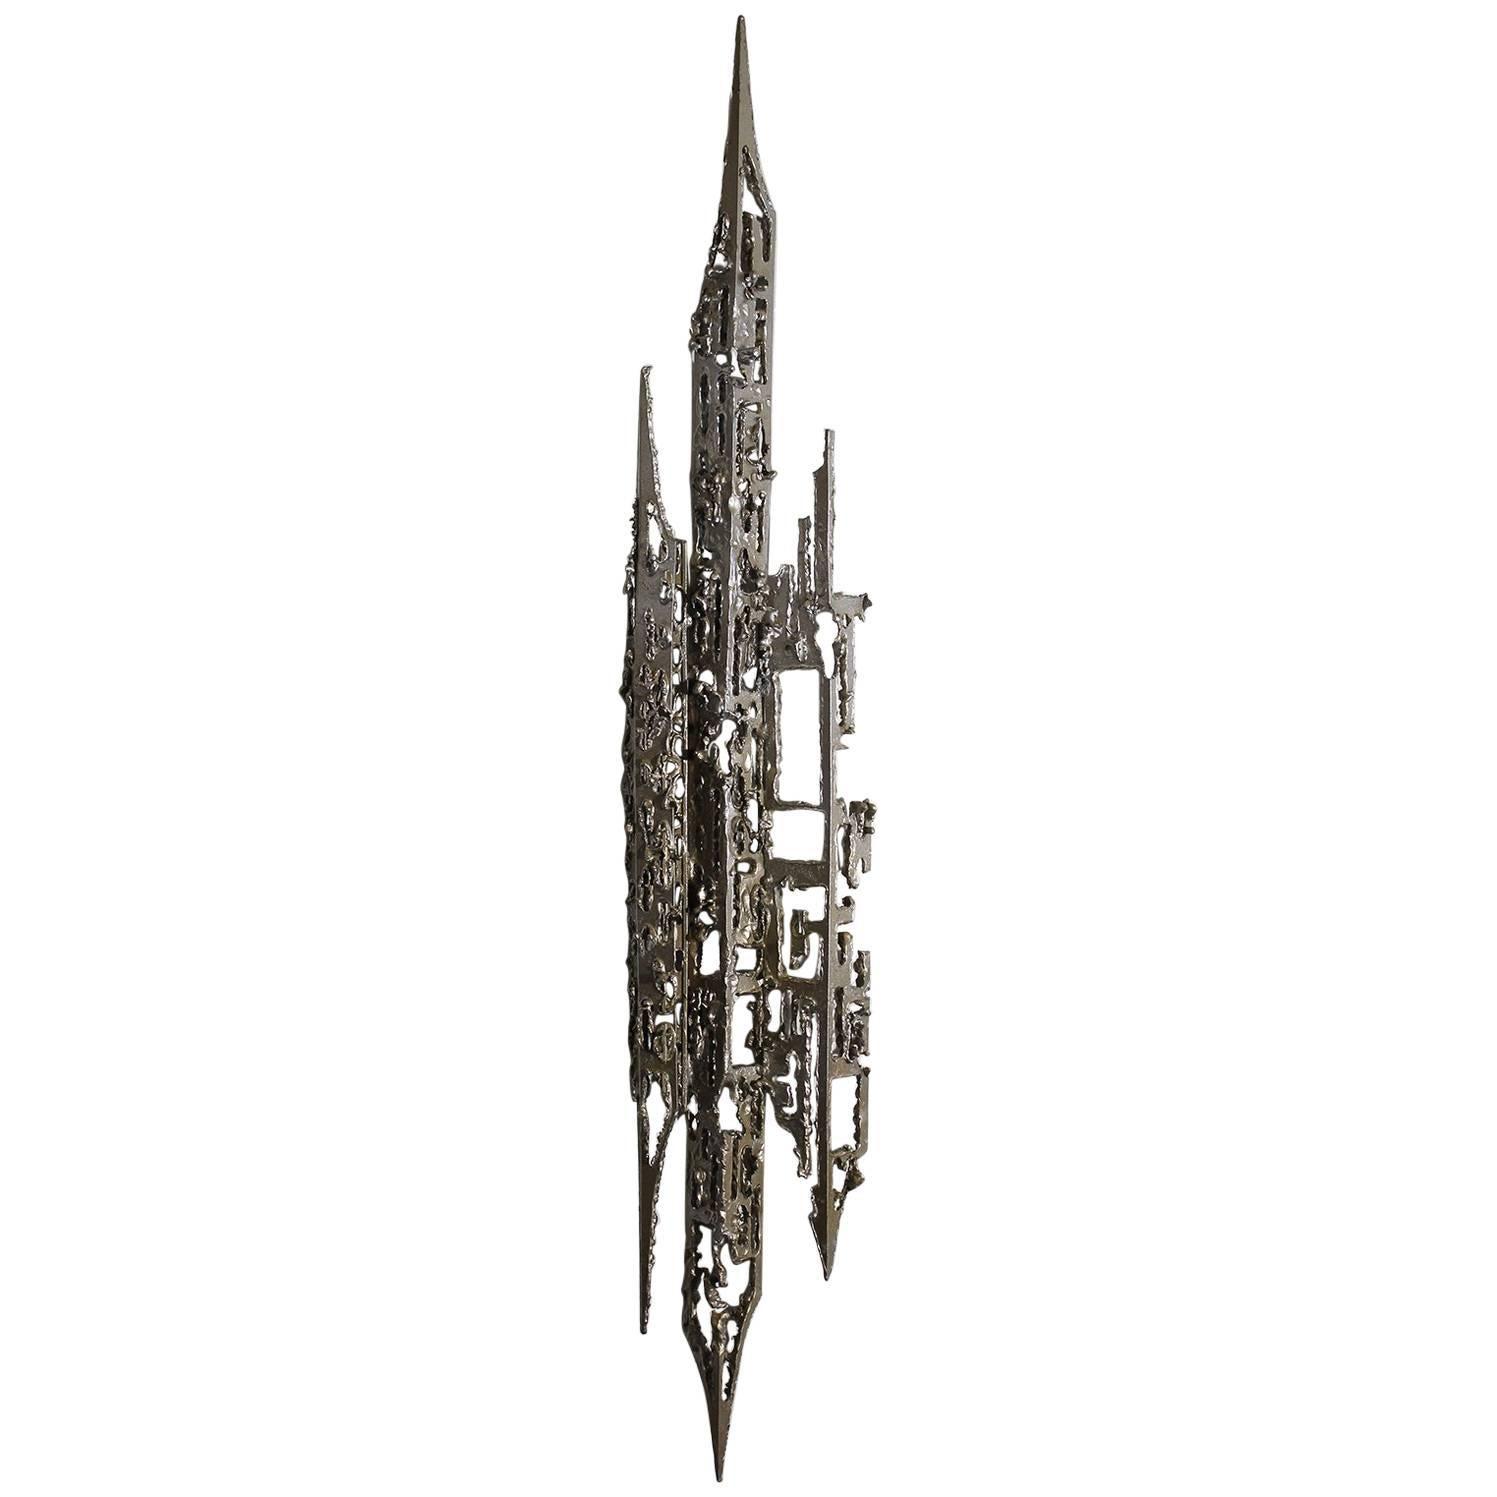 Modernist Brutalist Torch Cut Aluminium Wall Sculpture